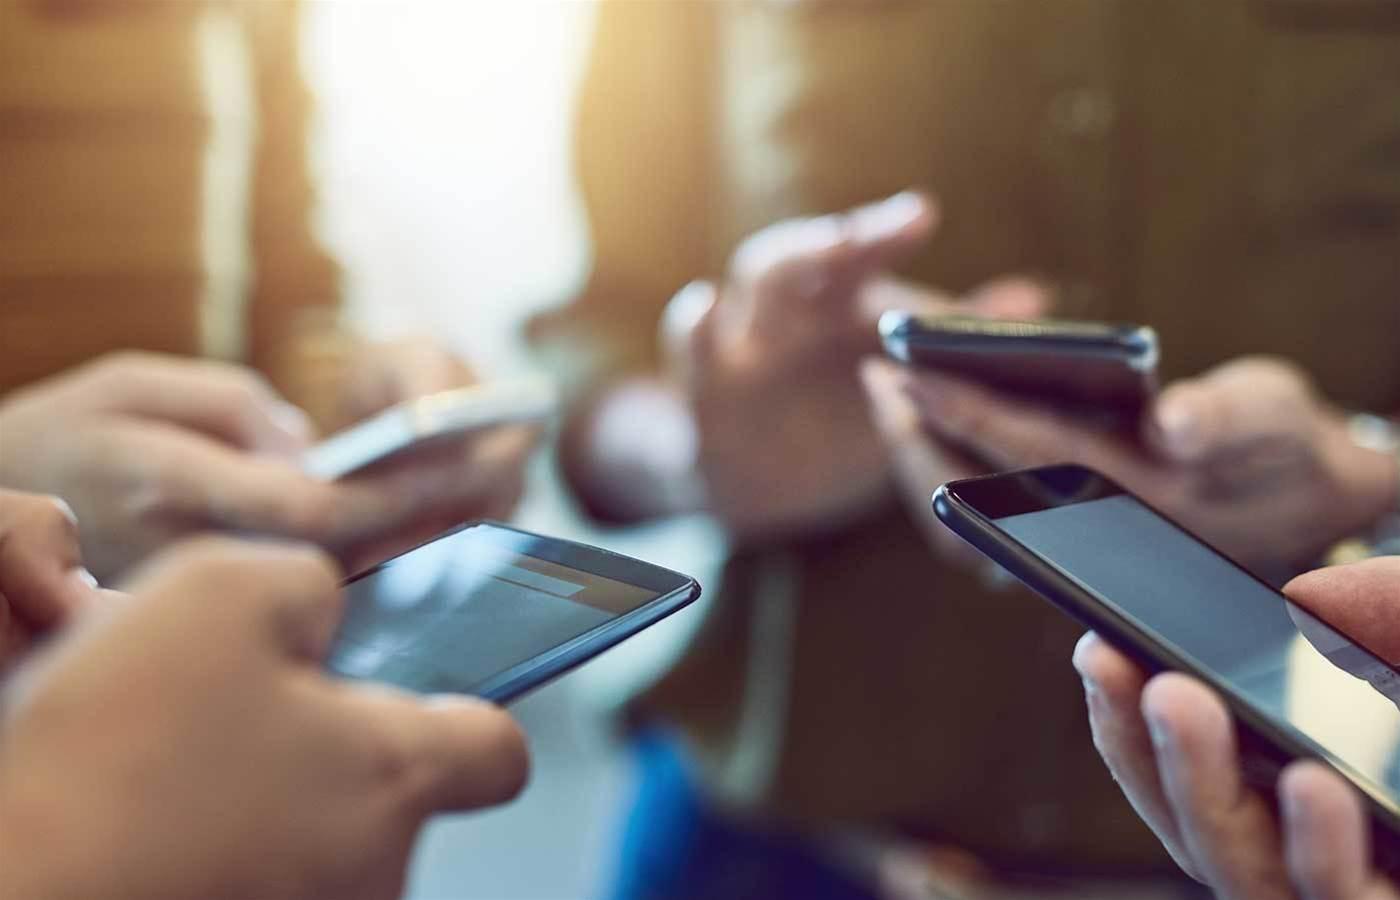 Telstra halts sales of ZTE phones